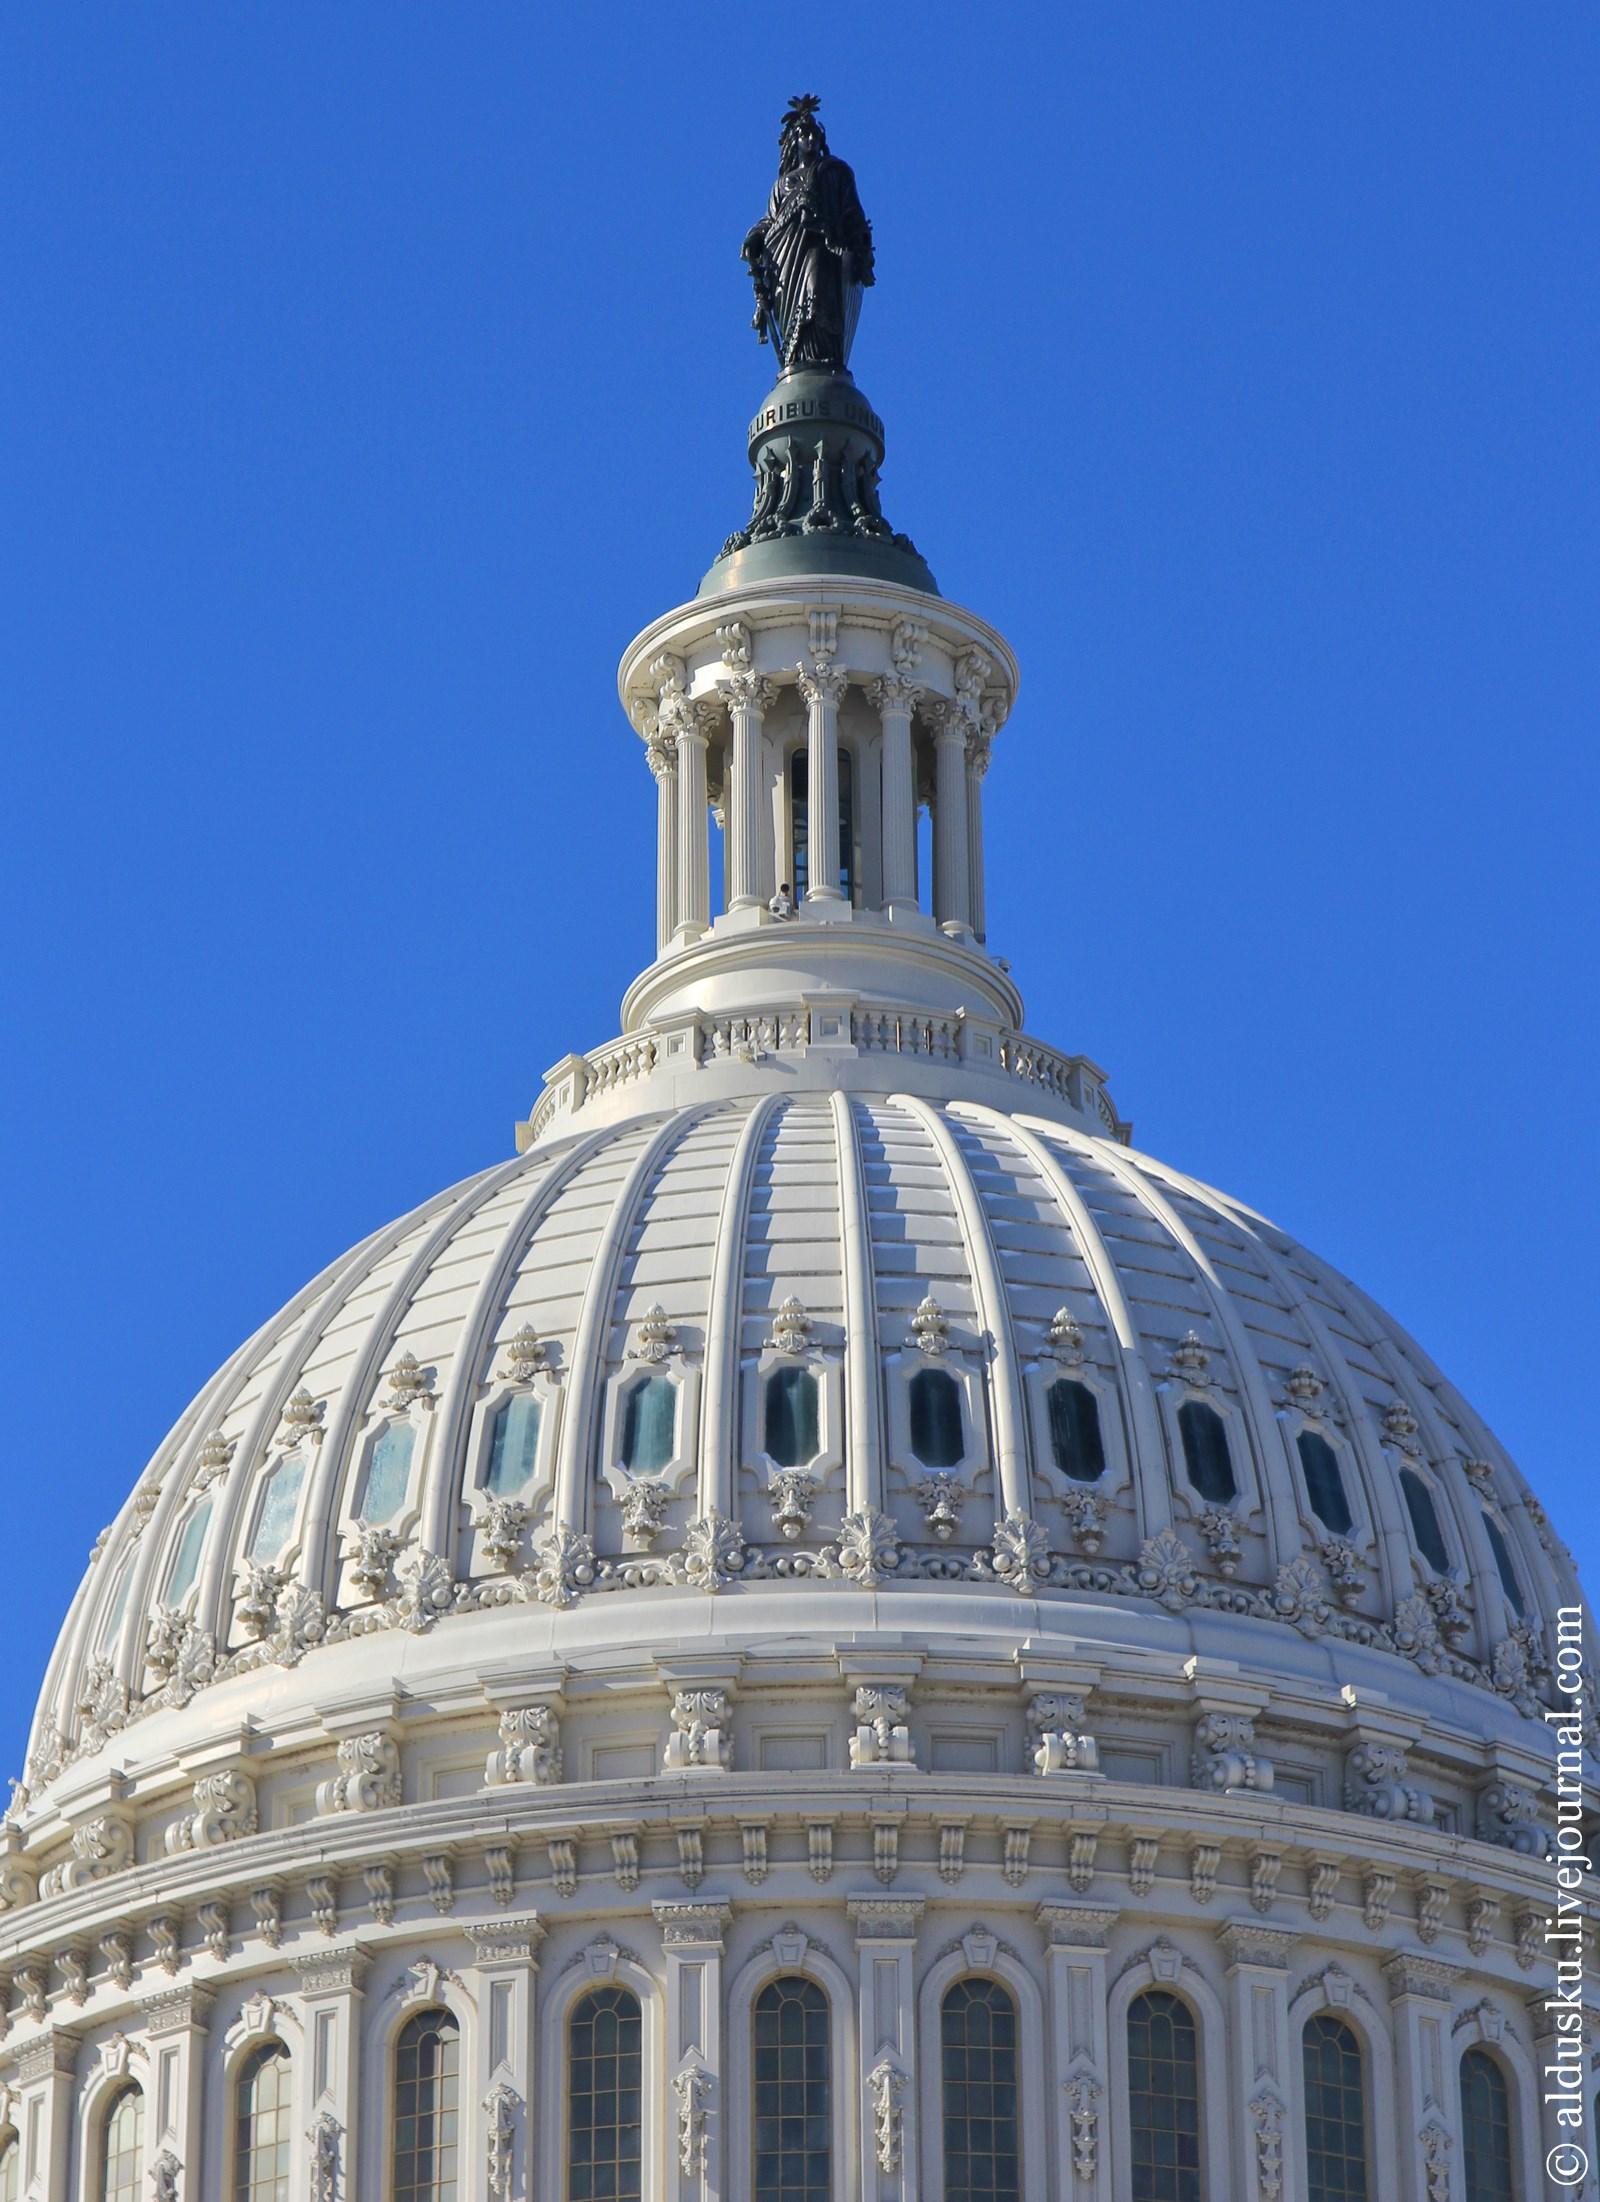 Статуя Вооруженной Свободы выше купола Капитолия имеет на голове венок из пятиконечных звезд, а в руках держит меч и щит.